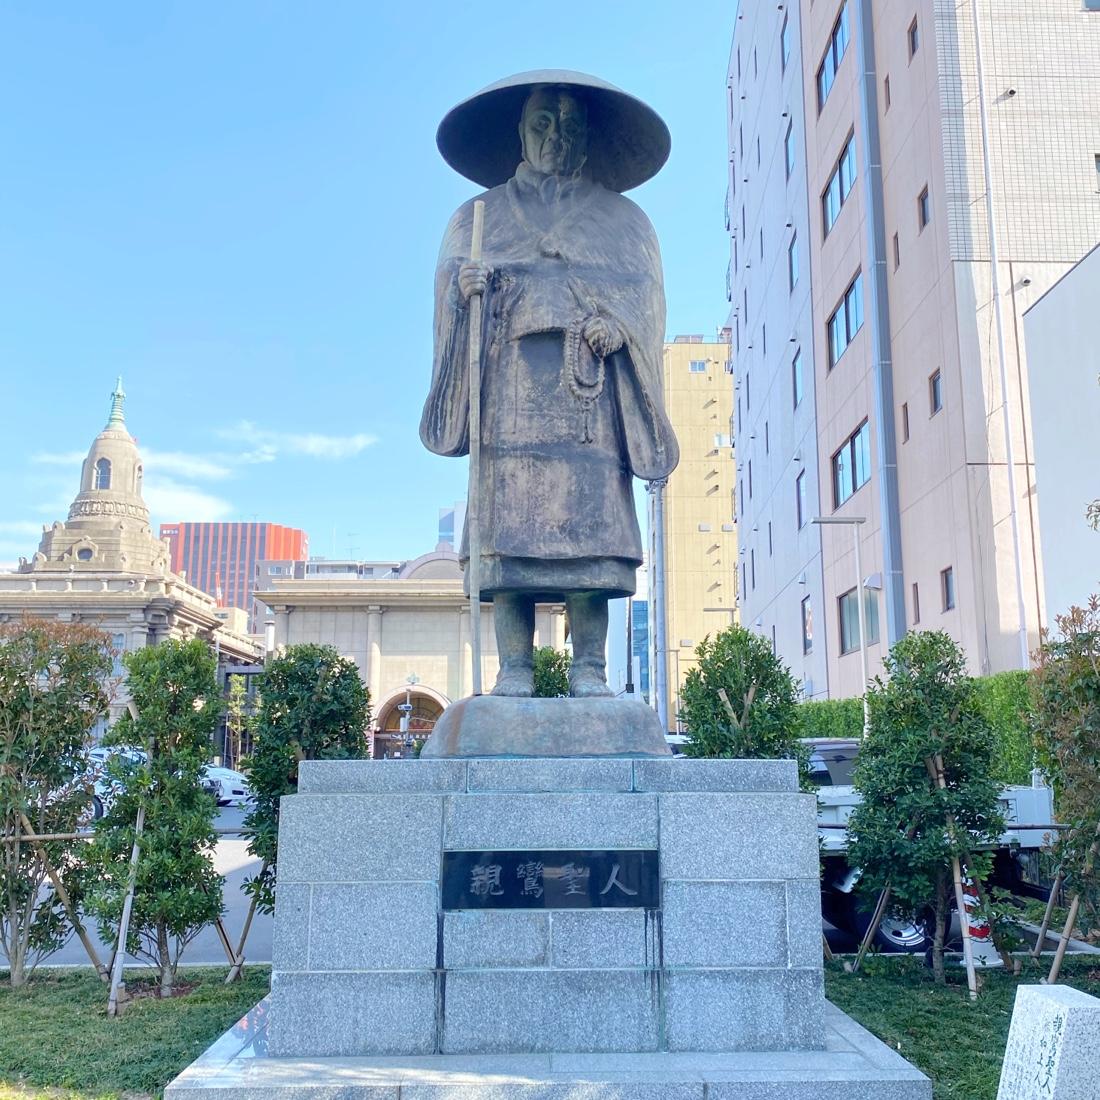 築地本願寺の親鸞の像